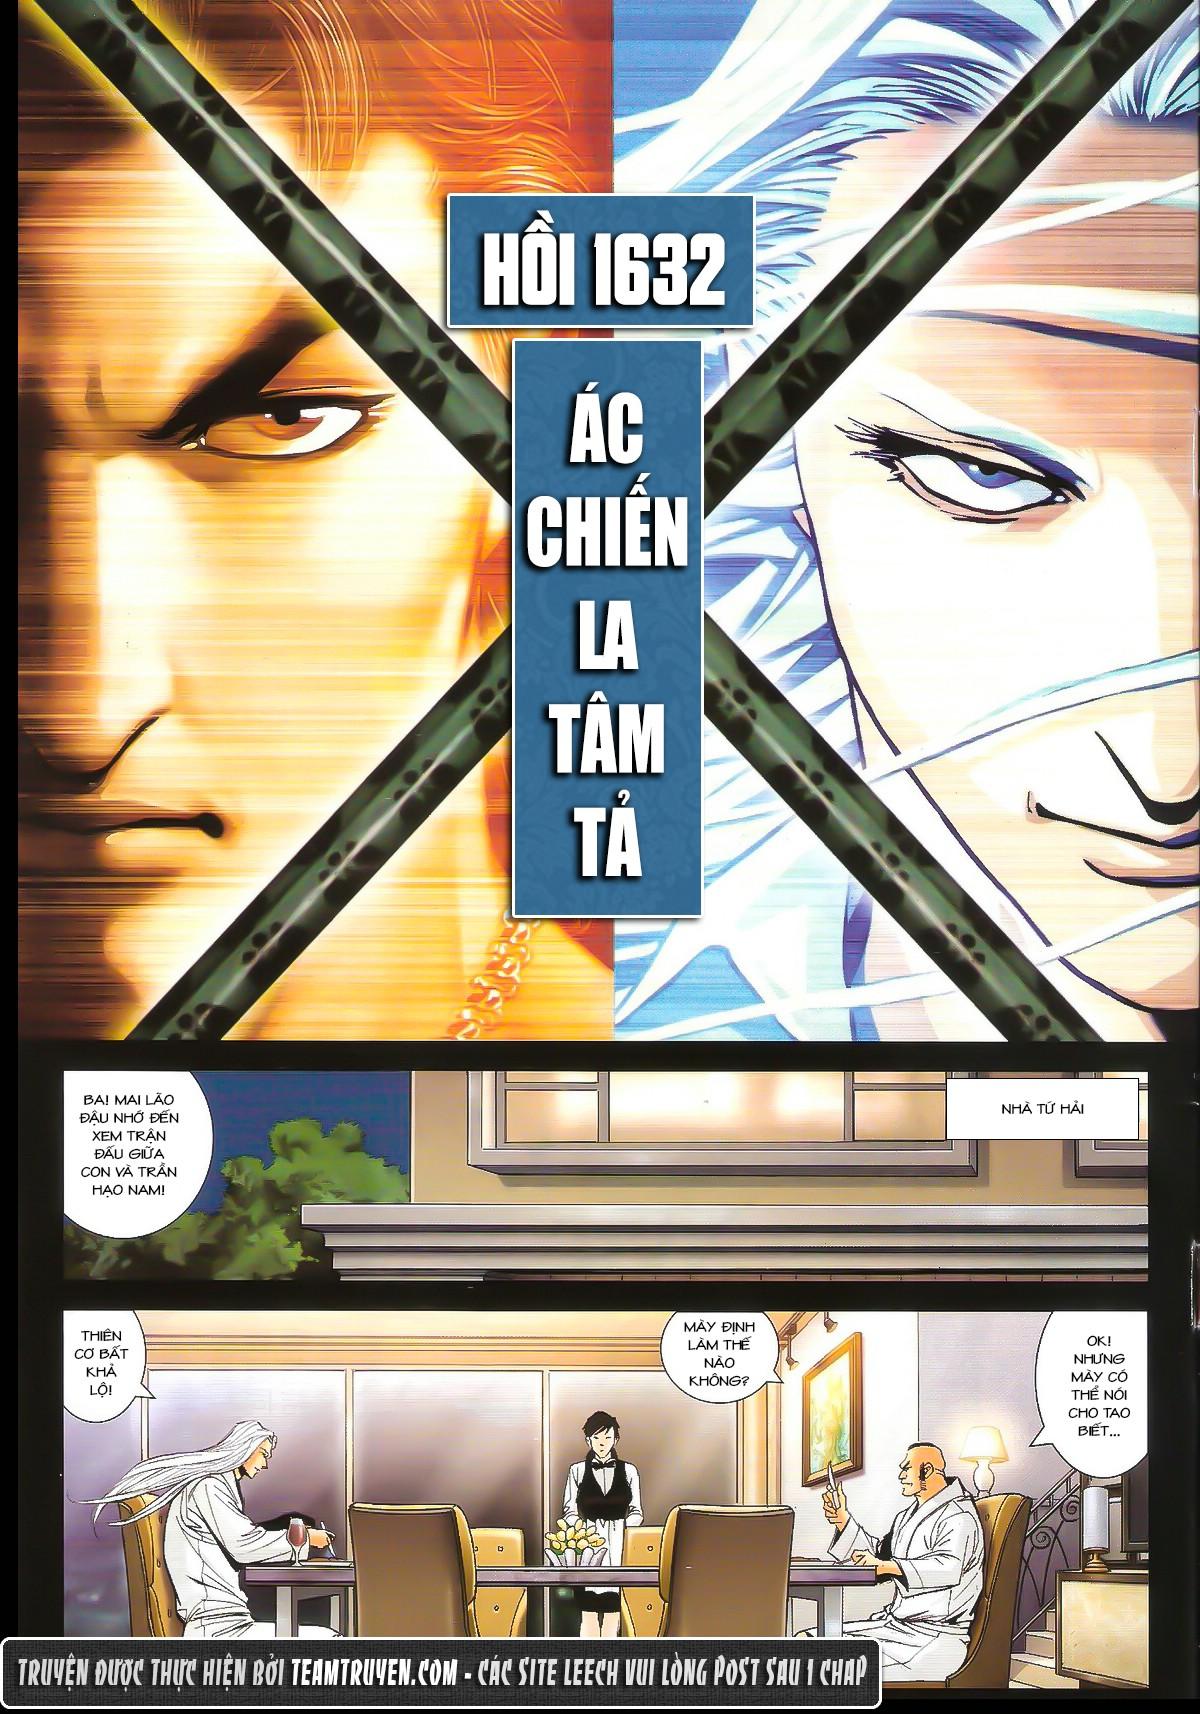 Người Trong Giang Hồ chapter 1632: ác chiến la tâm tả trang 2